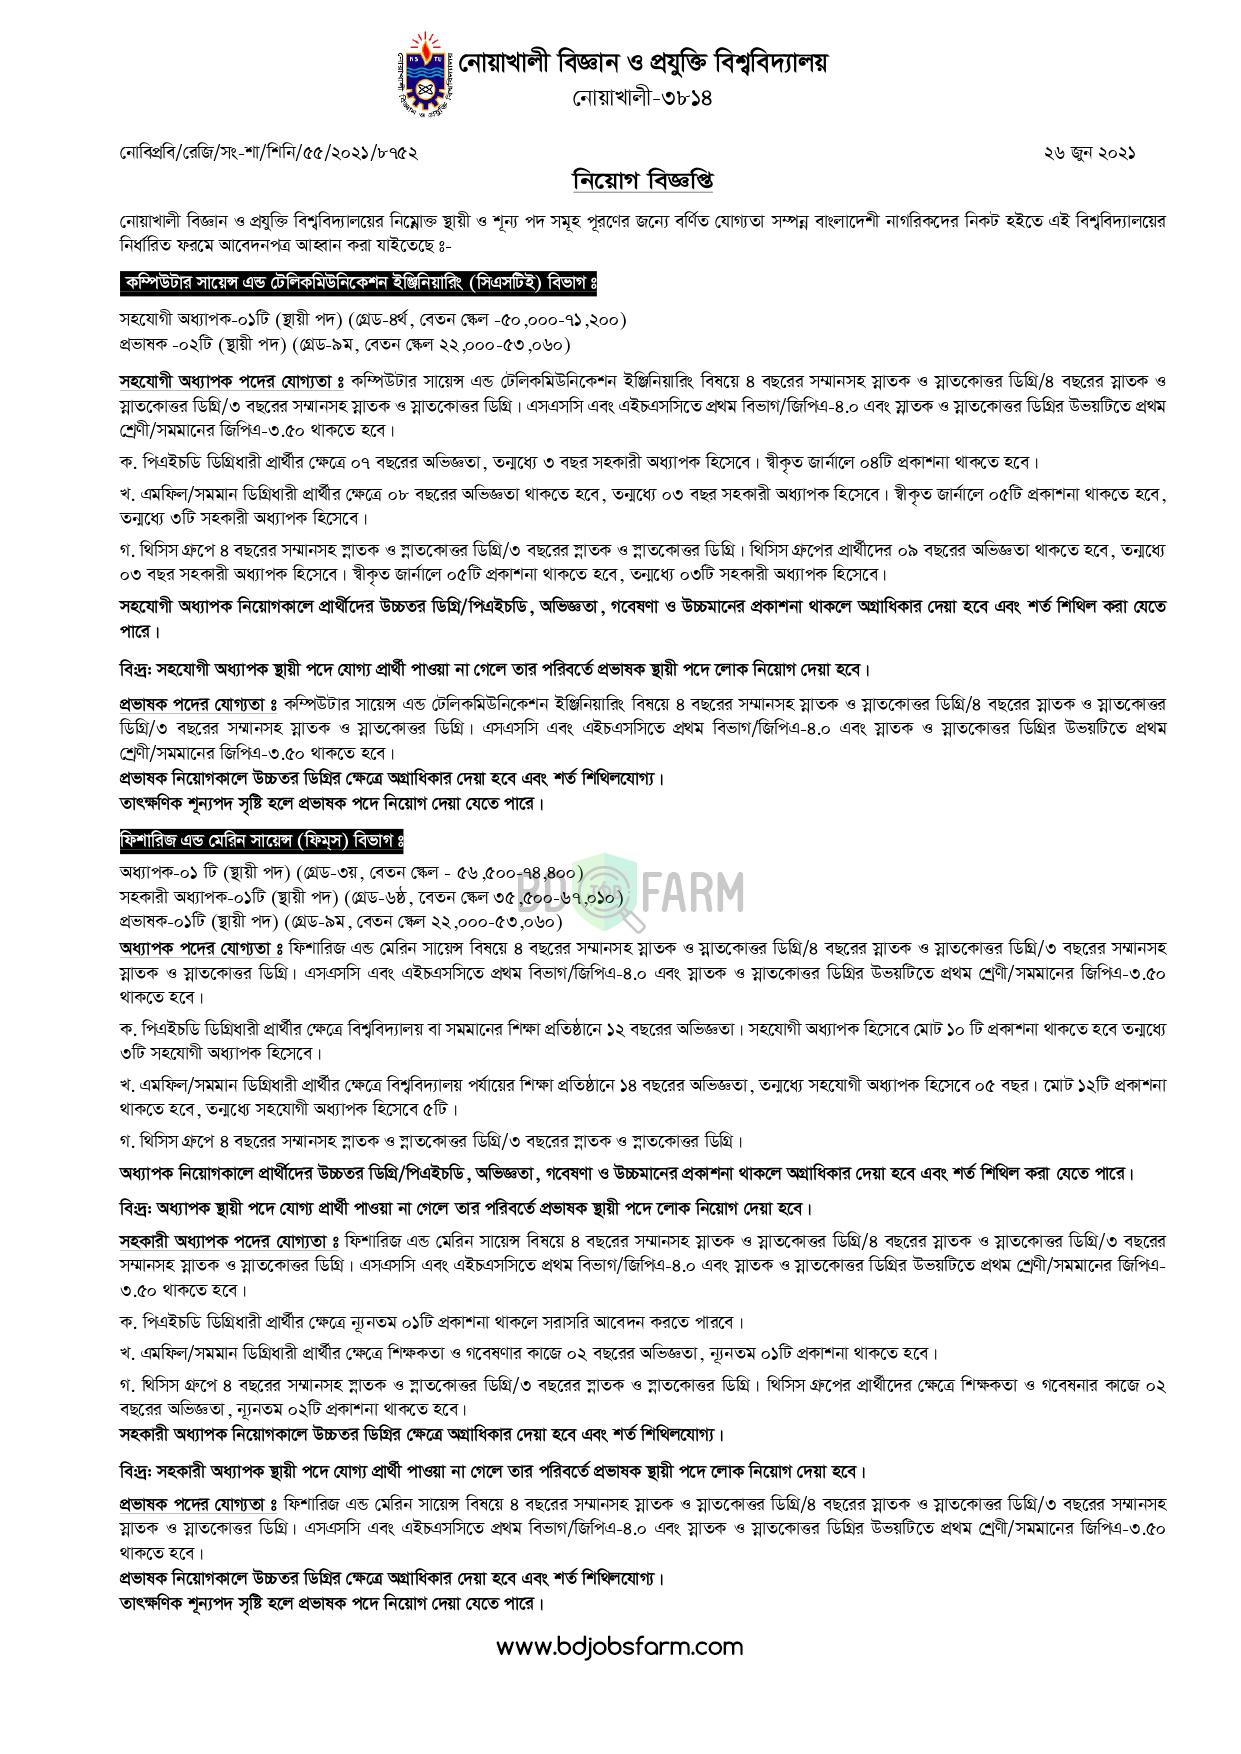 নােয়াখালী বিজ্ঞান ও প্রযুক্তি বিশ্ববিদ্যালয় নিয়ােগ বিজ্ঞপ্তি